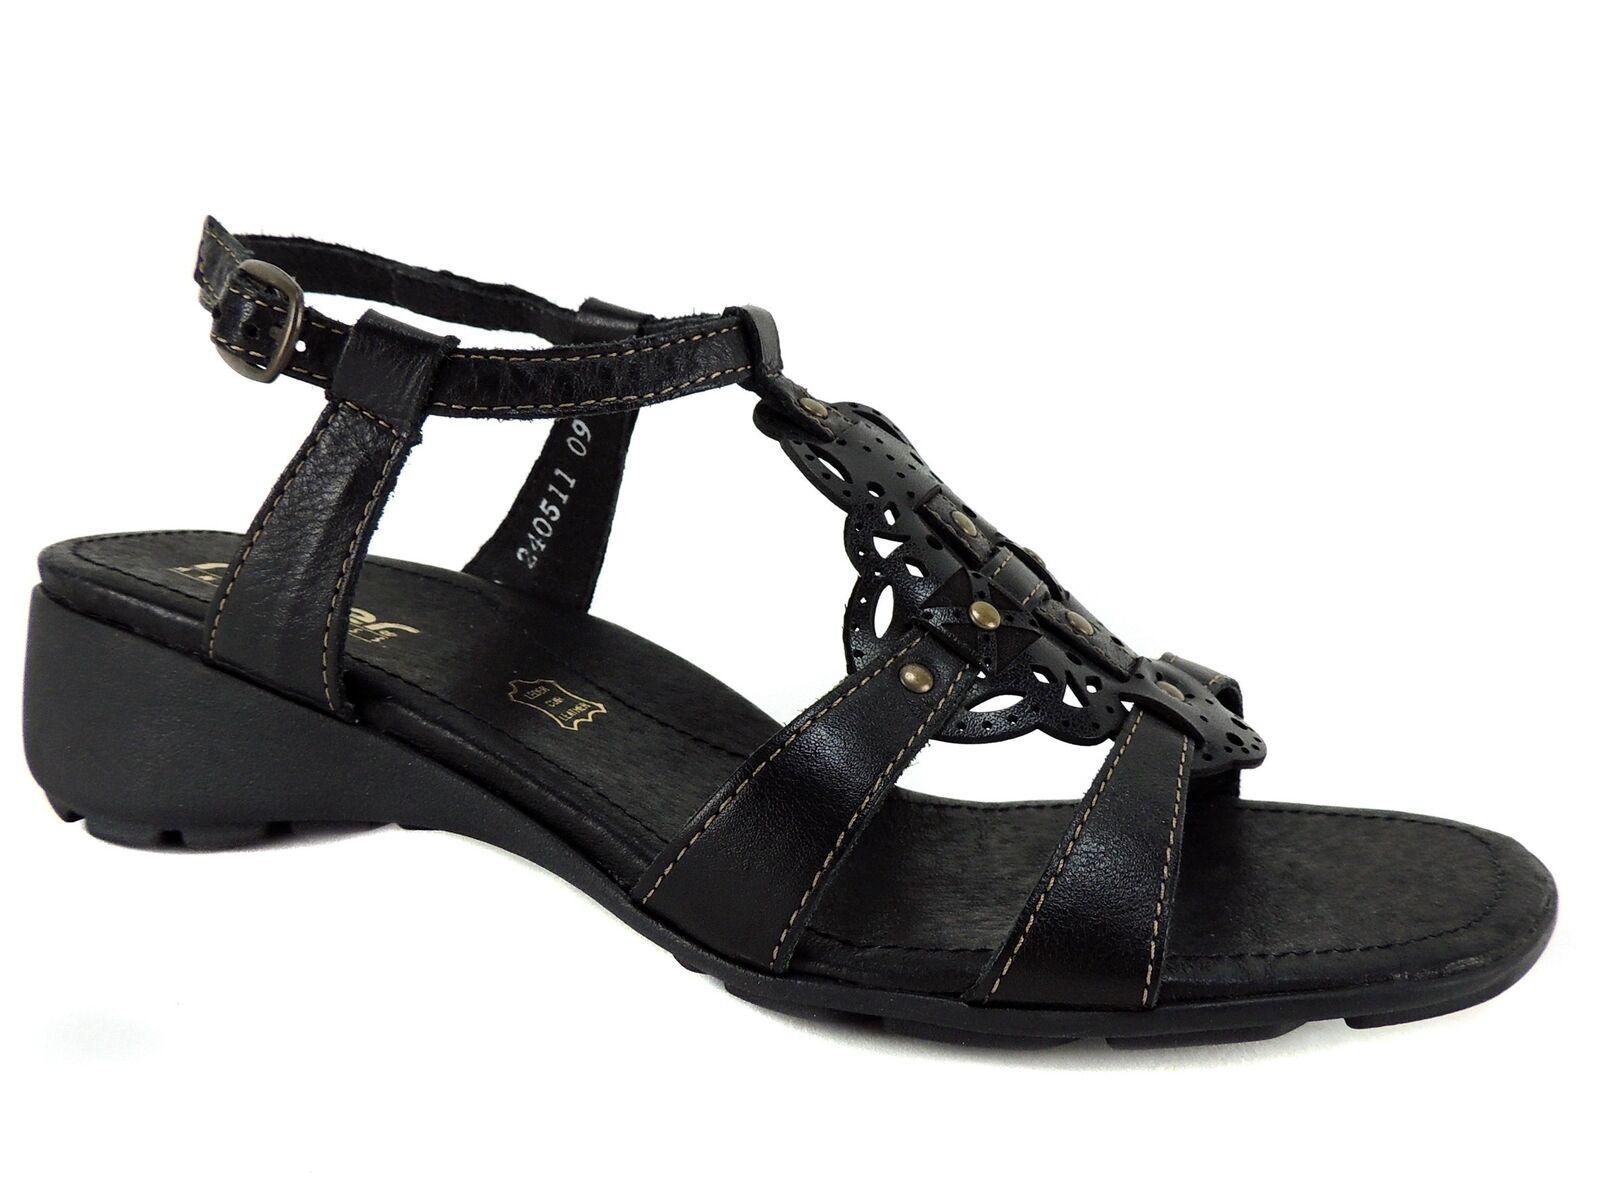 Calvin Klein Sandals Womens Cecily Silver Dress Sandals Klein Shoes 11 Medium (B,M) BHFO 7325 a24810